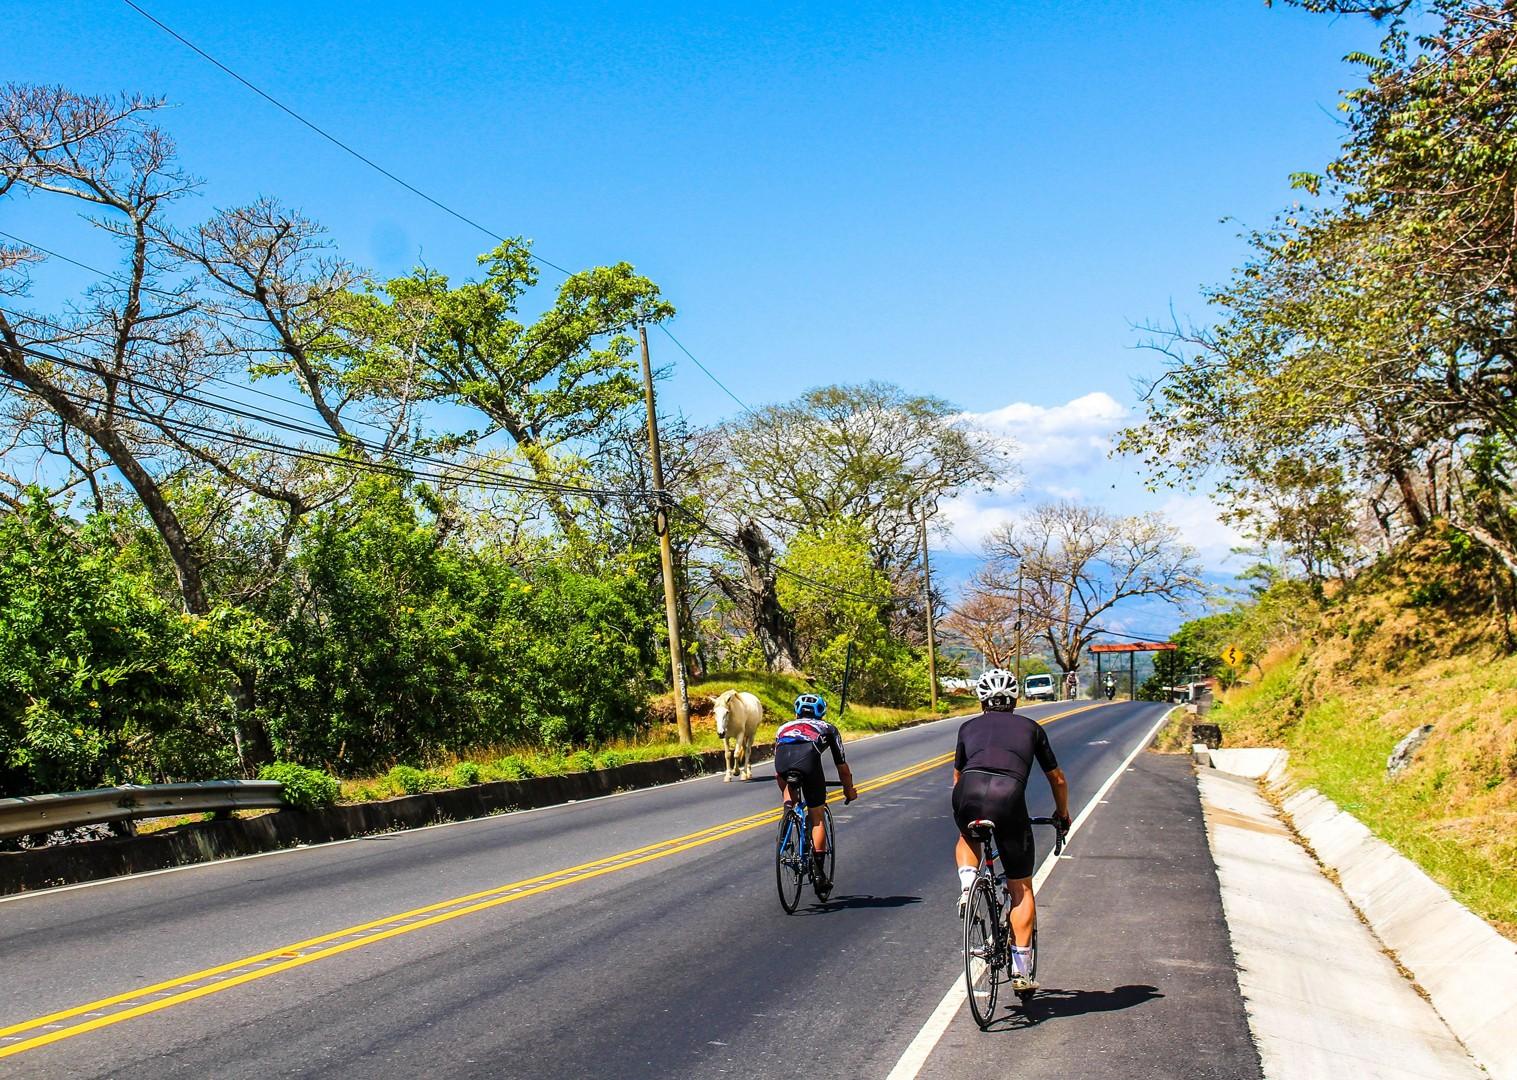 IMG_5534.jpg - Costa Rica - Ruta de los Volcanes - Road Cycling